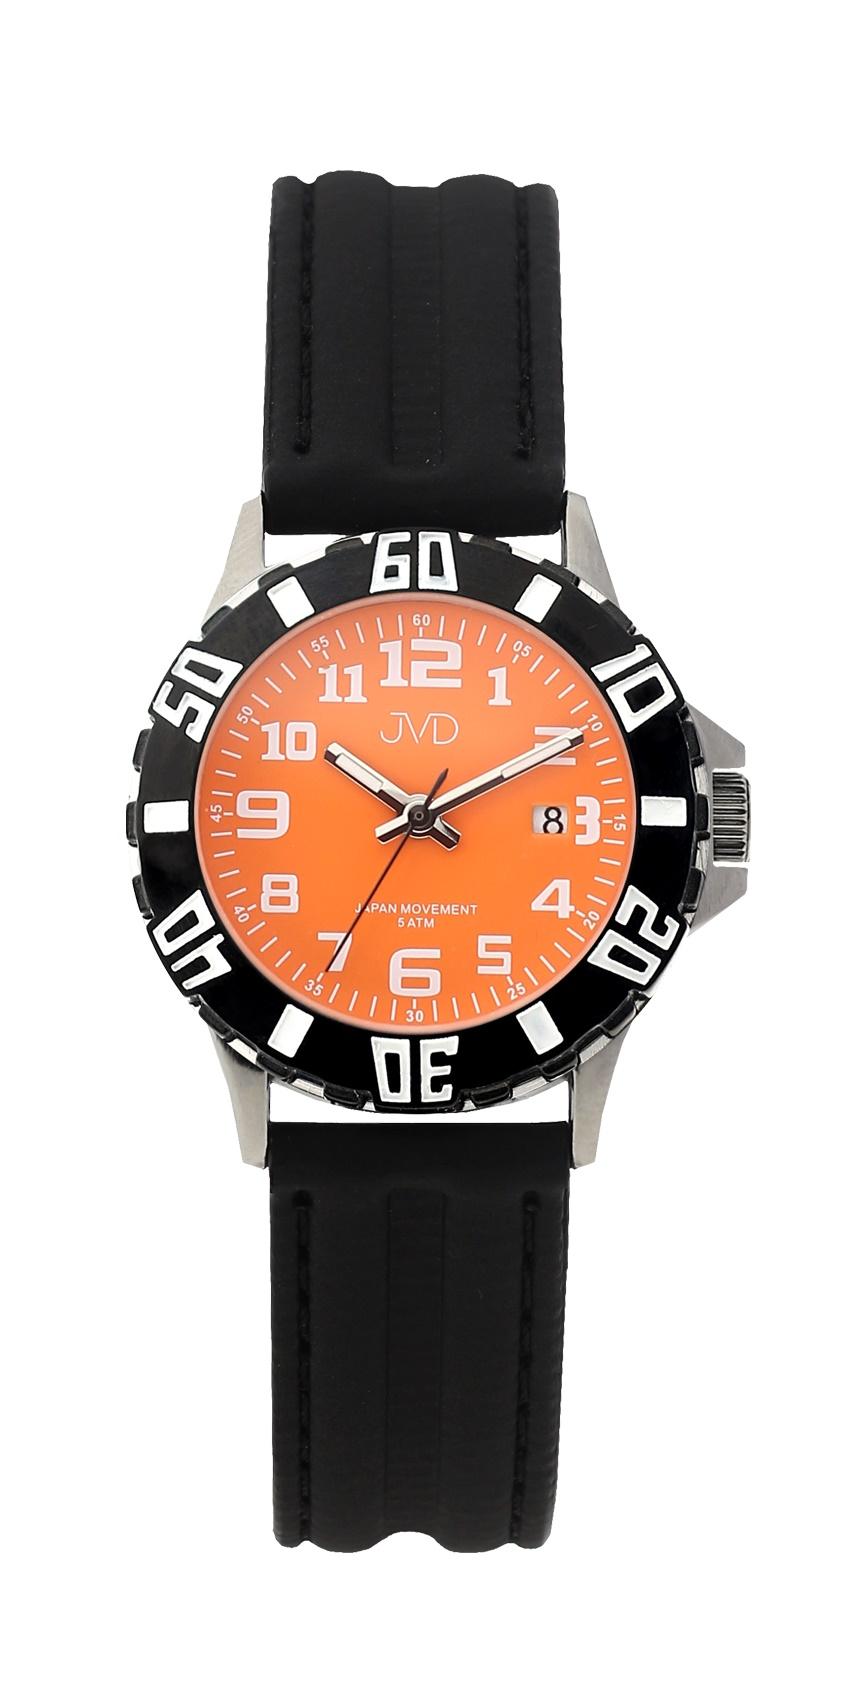 3ef63c25b62 Černé chlapecké vodoodolné dětské náramkové hodinky JVD J7176.3